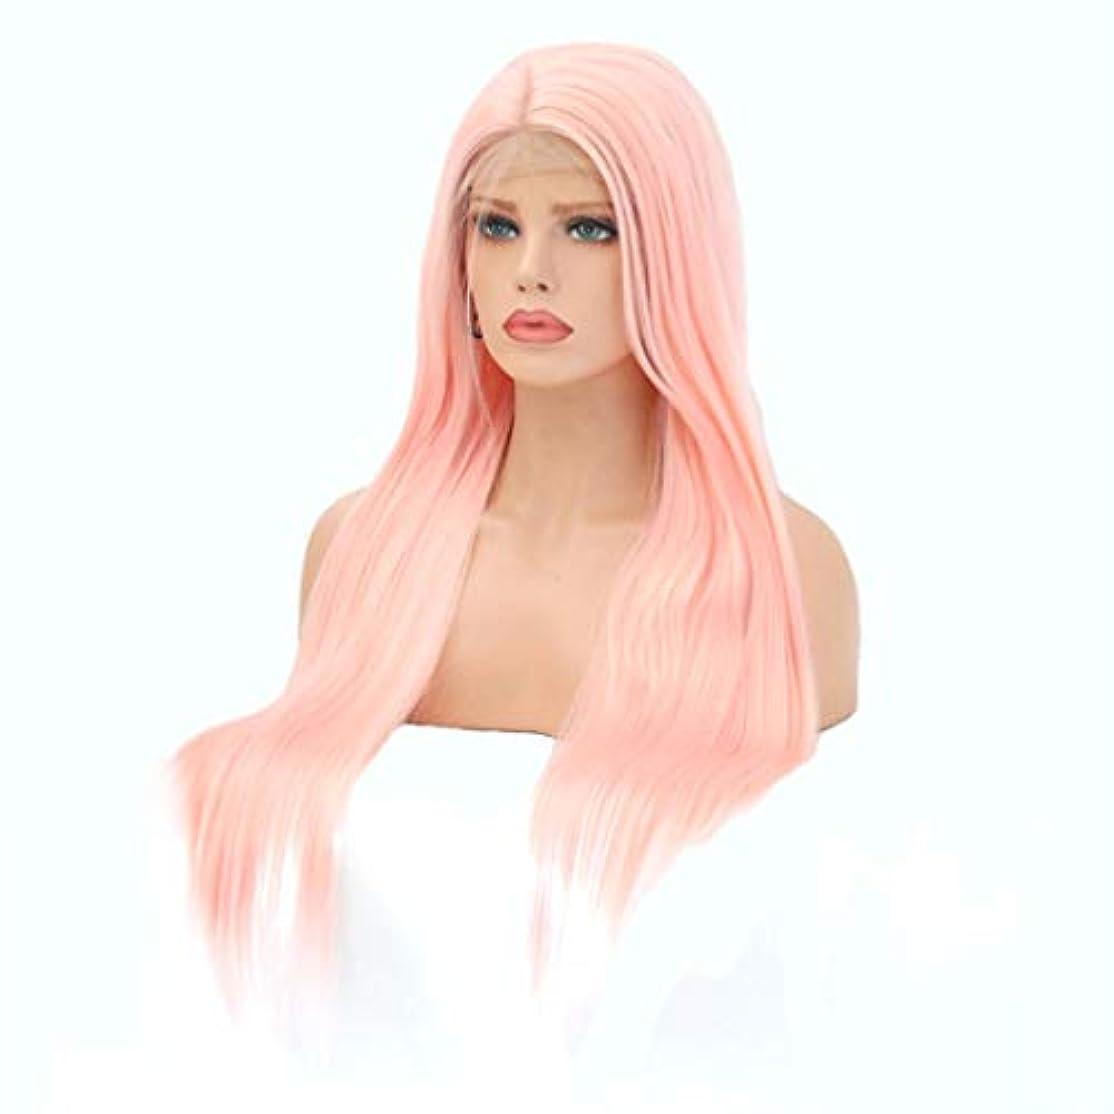 立ち寄る汚染する正確さKerwinner 女性のためのフロントレースウィッグピンクの長いストレートの髪の化学繊維ウィッグヘッドギア